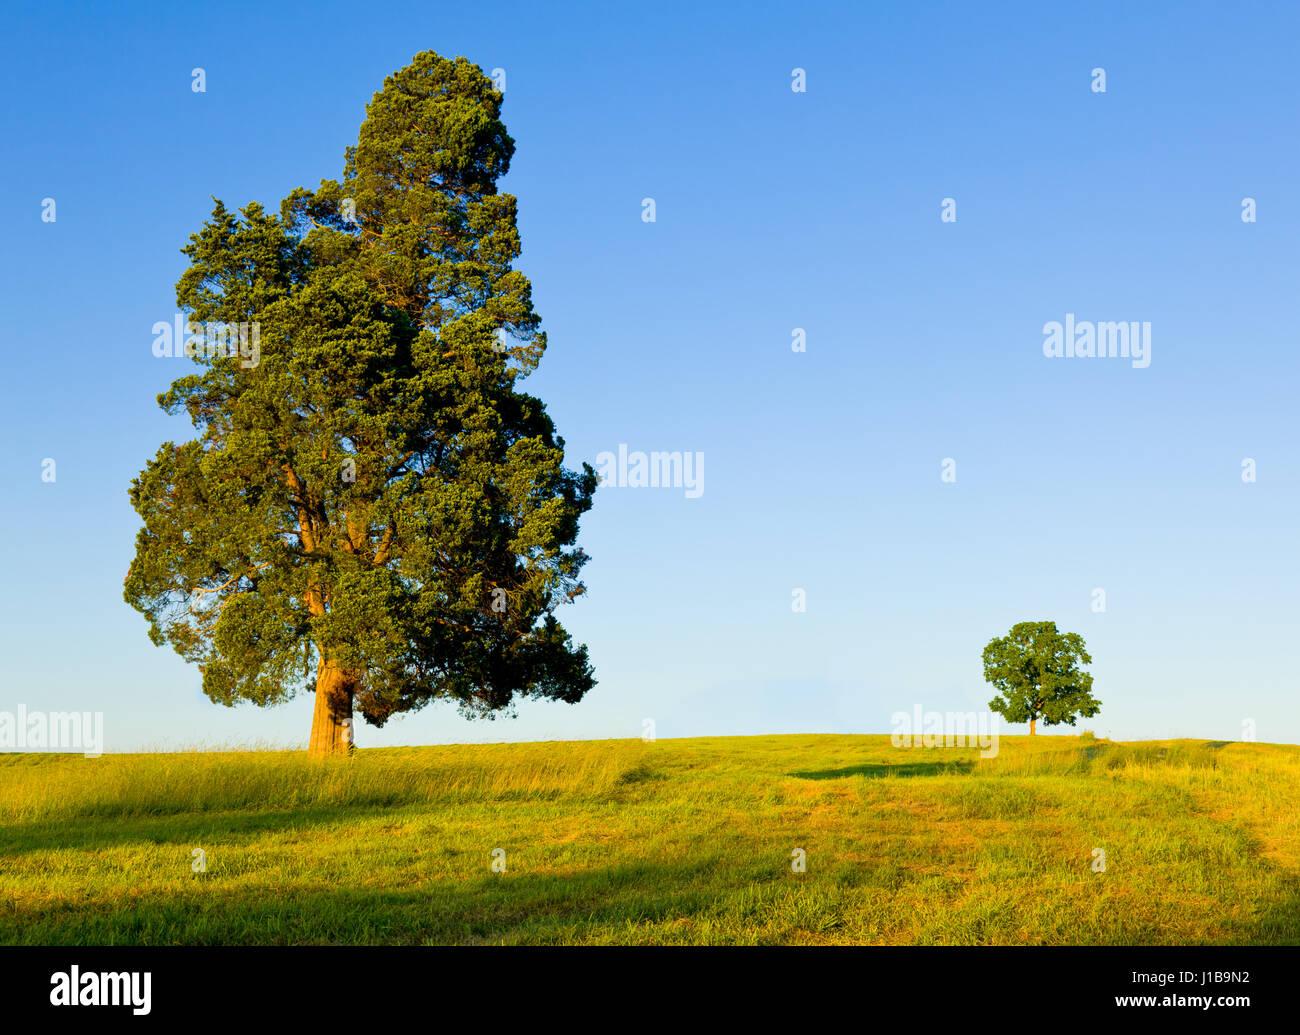 Árbol tipo pino grande con otro pequeño árbol en el horizonte en el prado o campo de protección Imagen De Stock